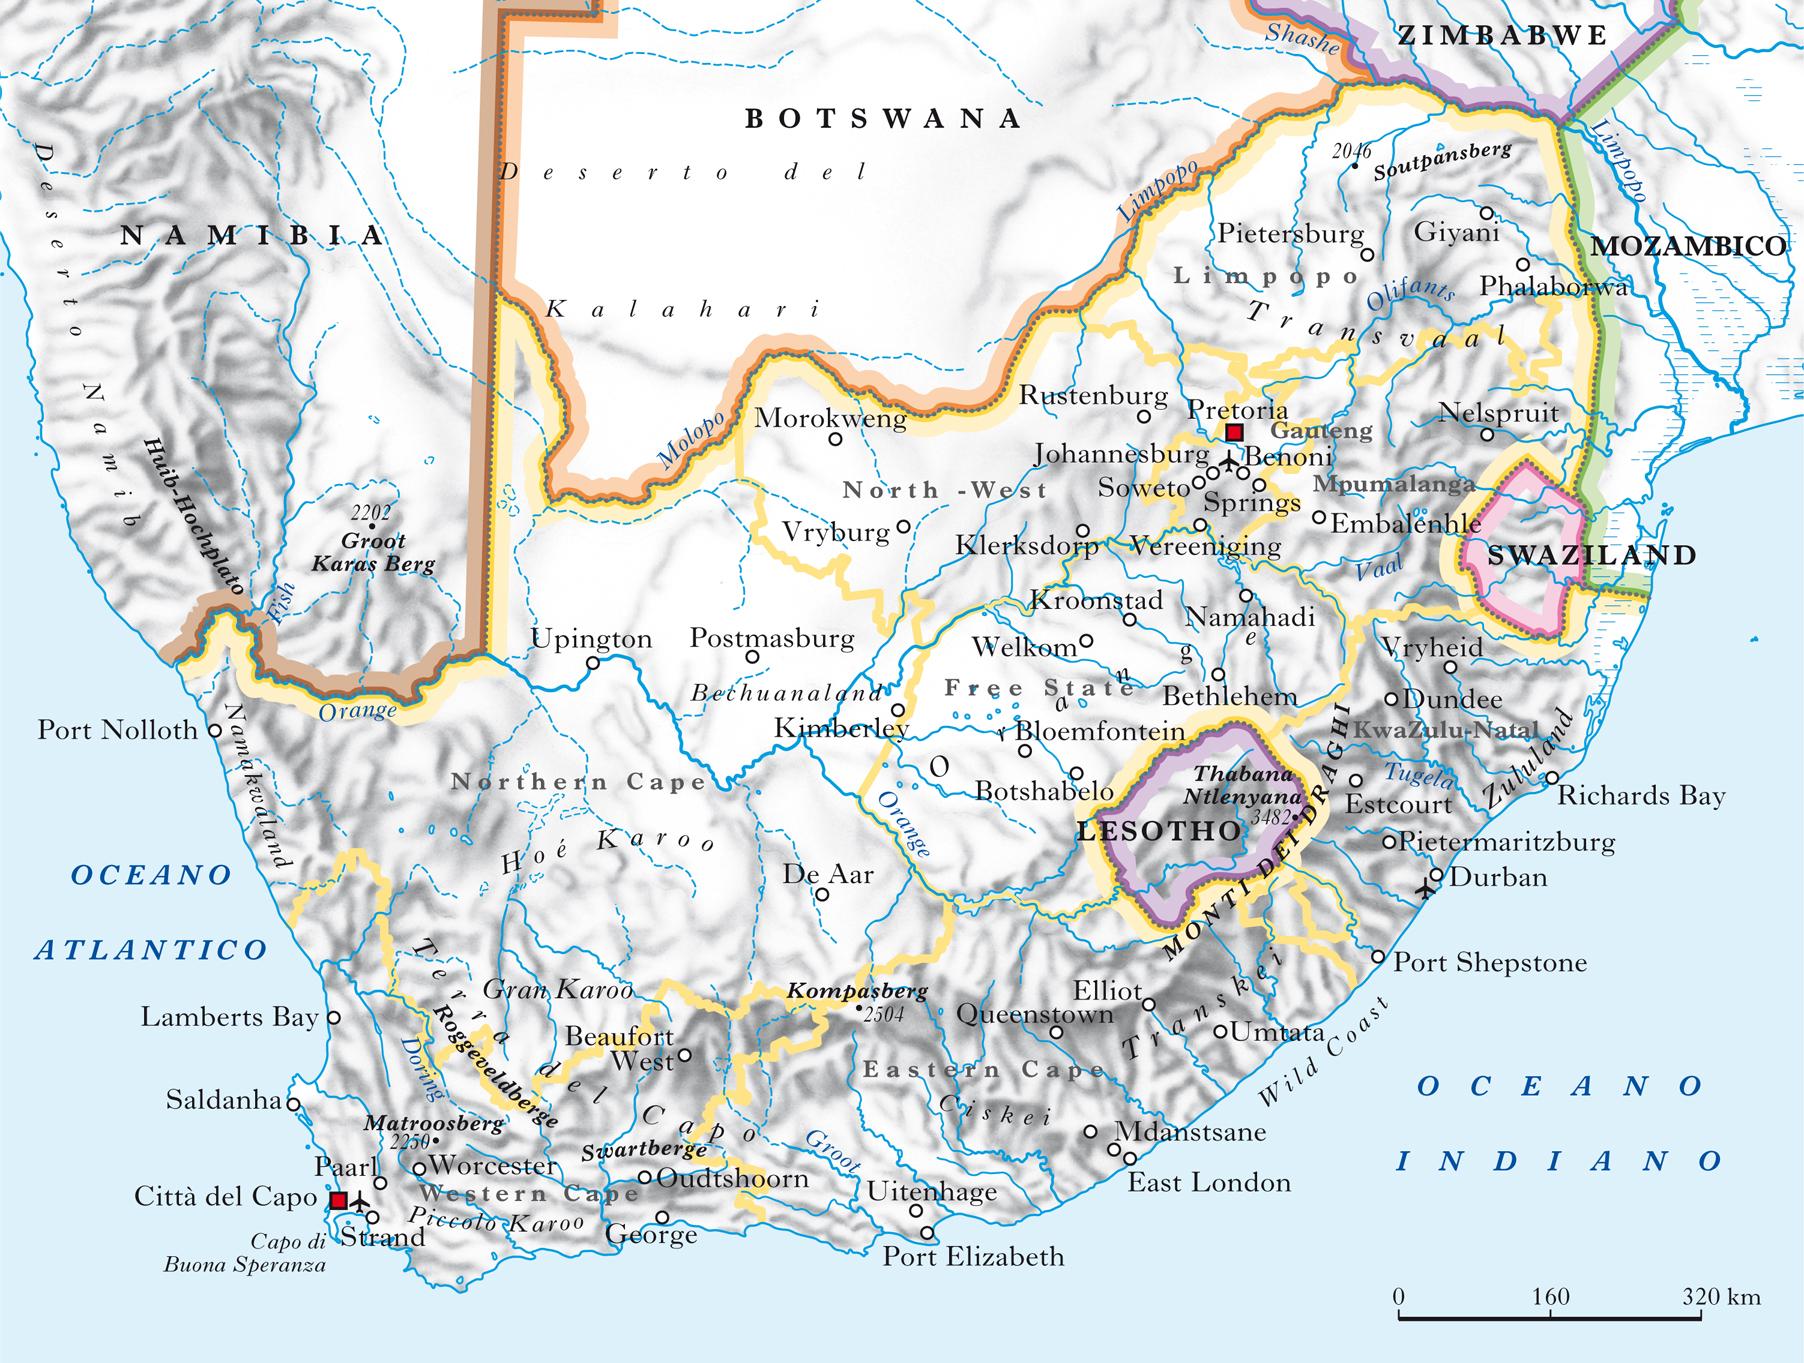 Cartina Sud Africa Da Stampare.Sudafricana Repubblica Nell Enciclopedia Treccani